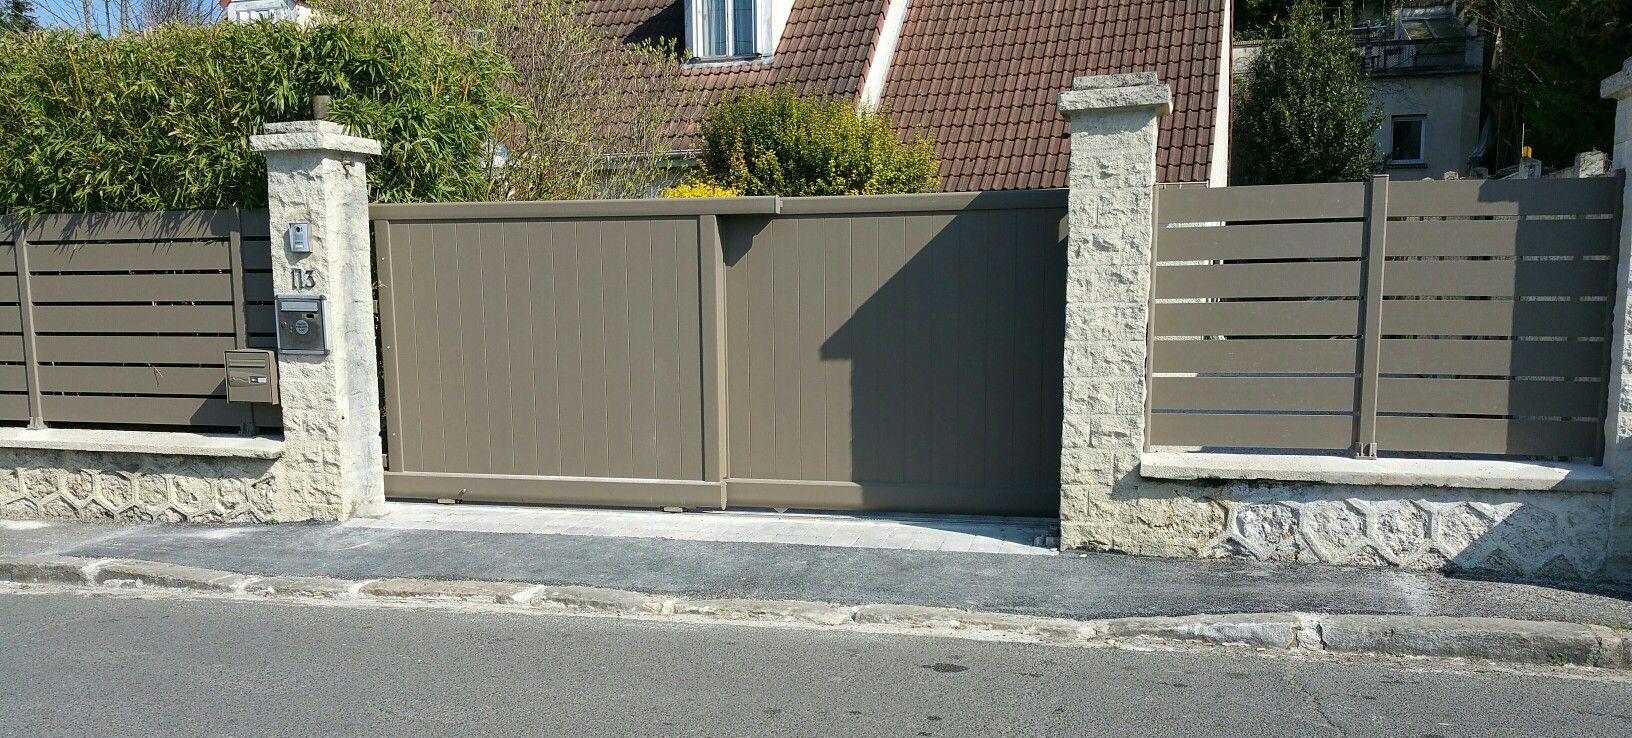 Portail A Galandage En Aluminium A Lames Verticales Coordonne A Une Cloture Ajouree A Lames Horizontales Portail Portail Coulissant A2p